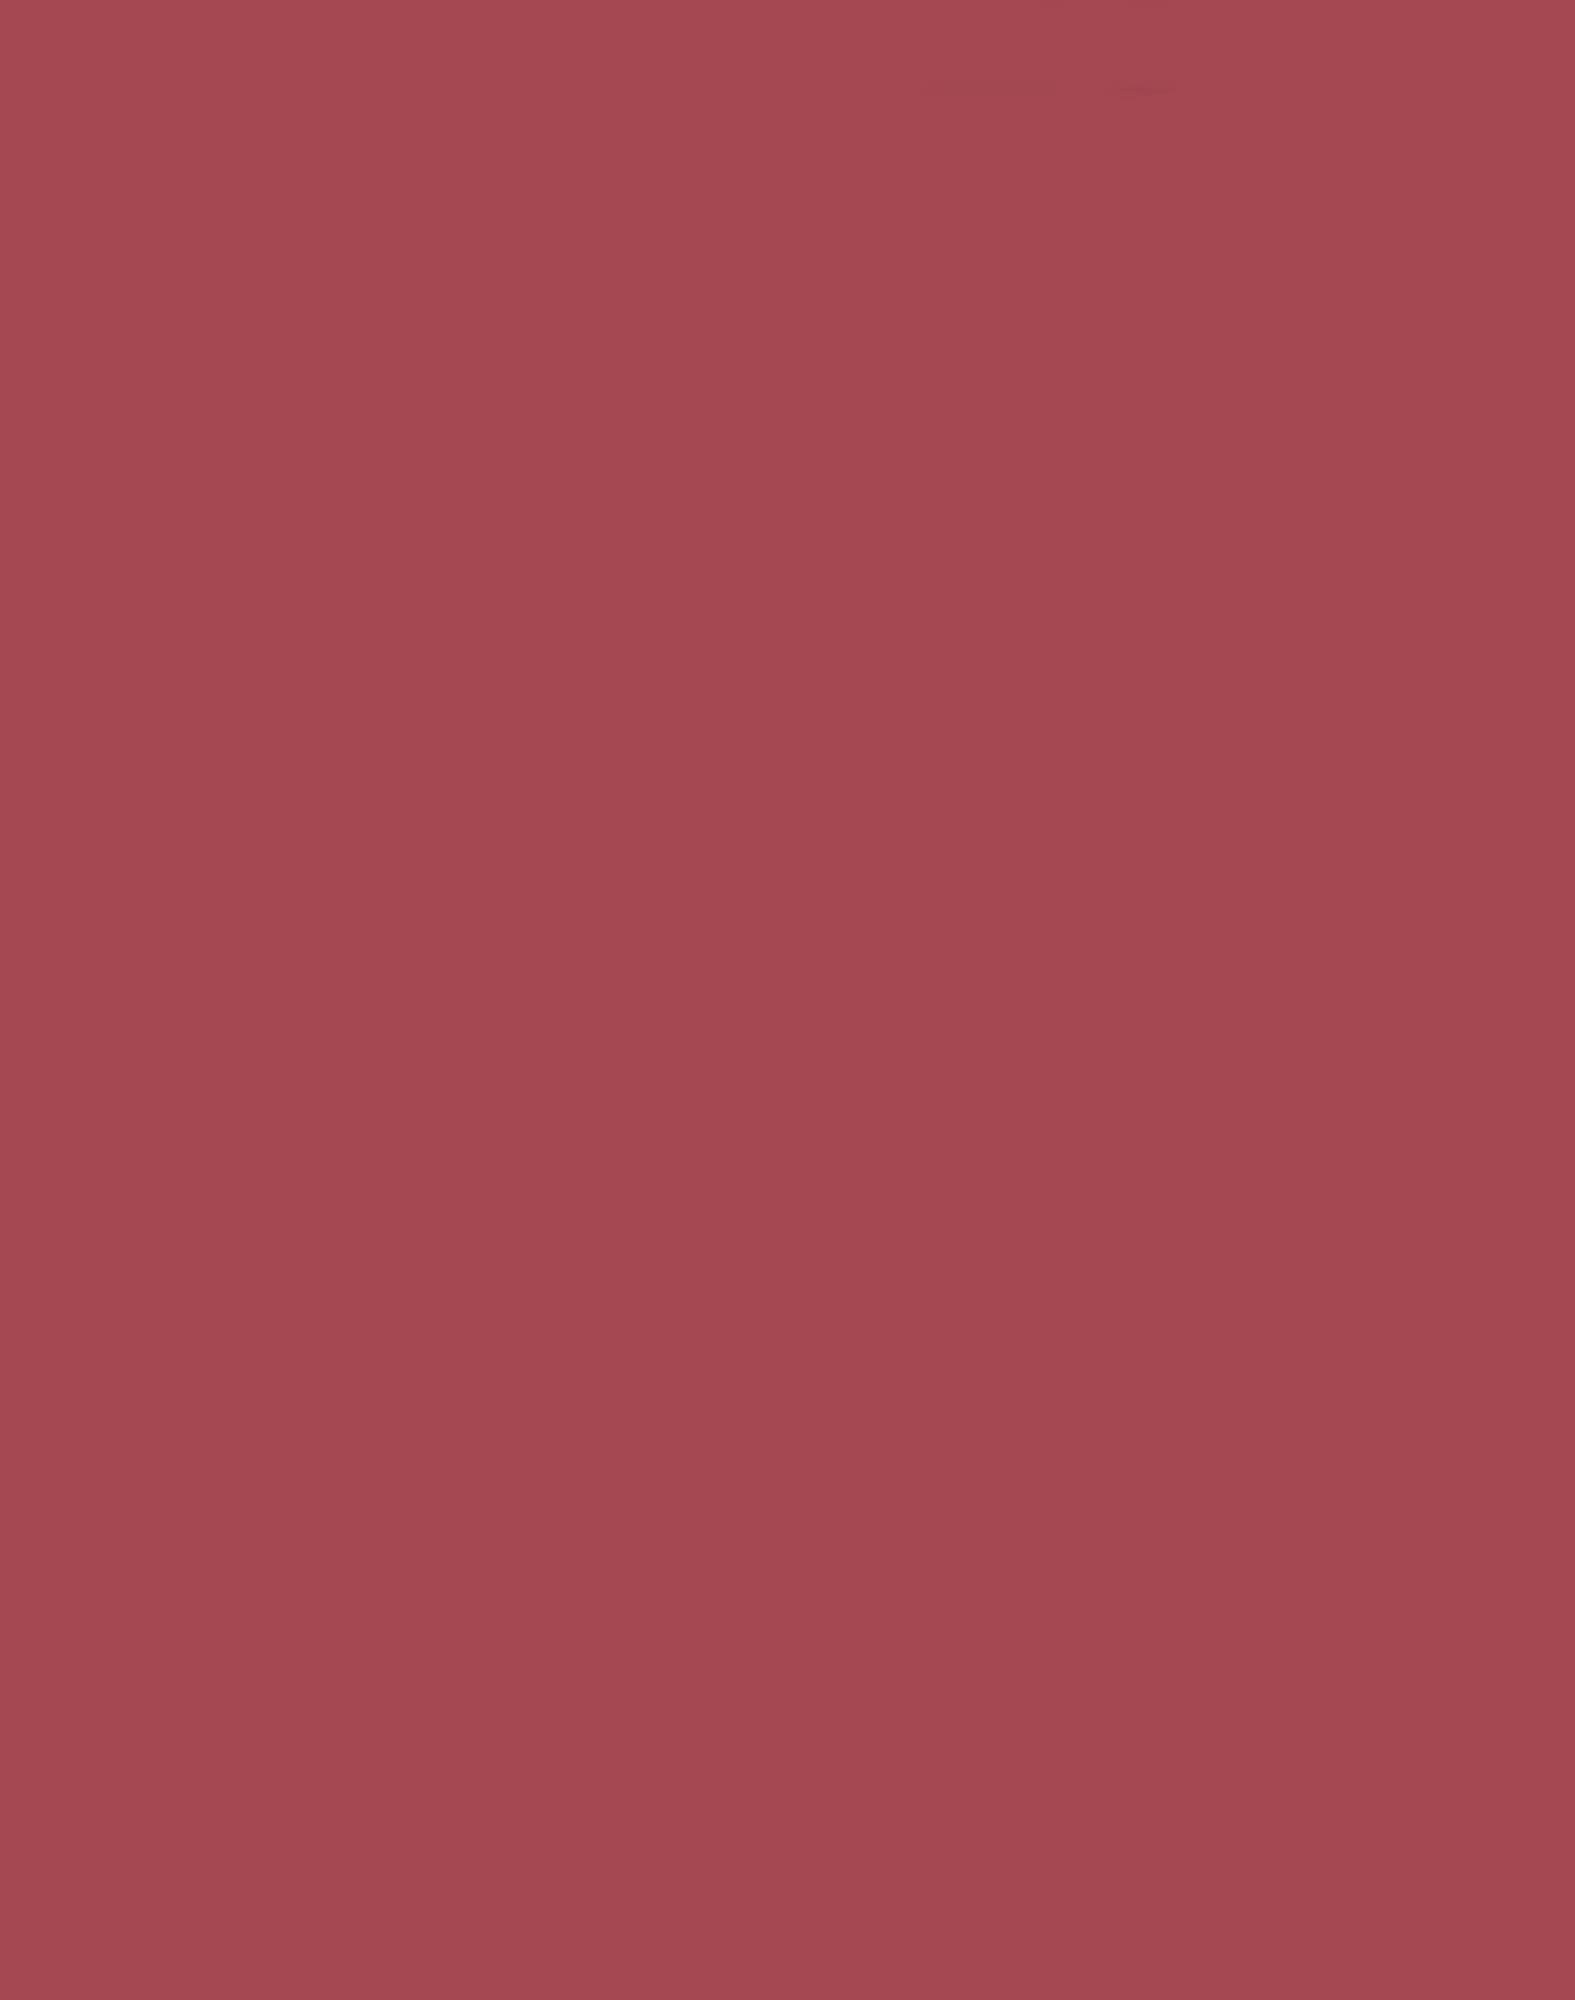 Merry Berry 166,72,82